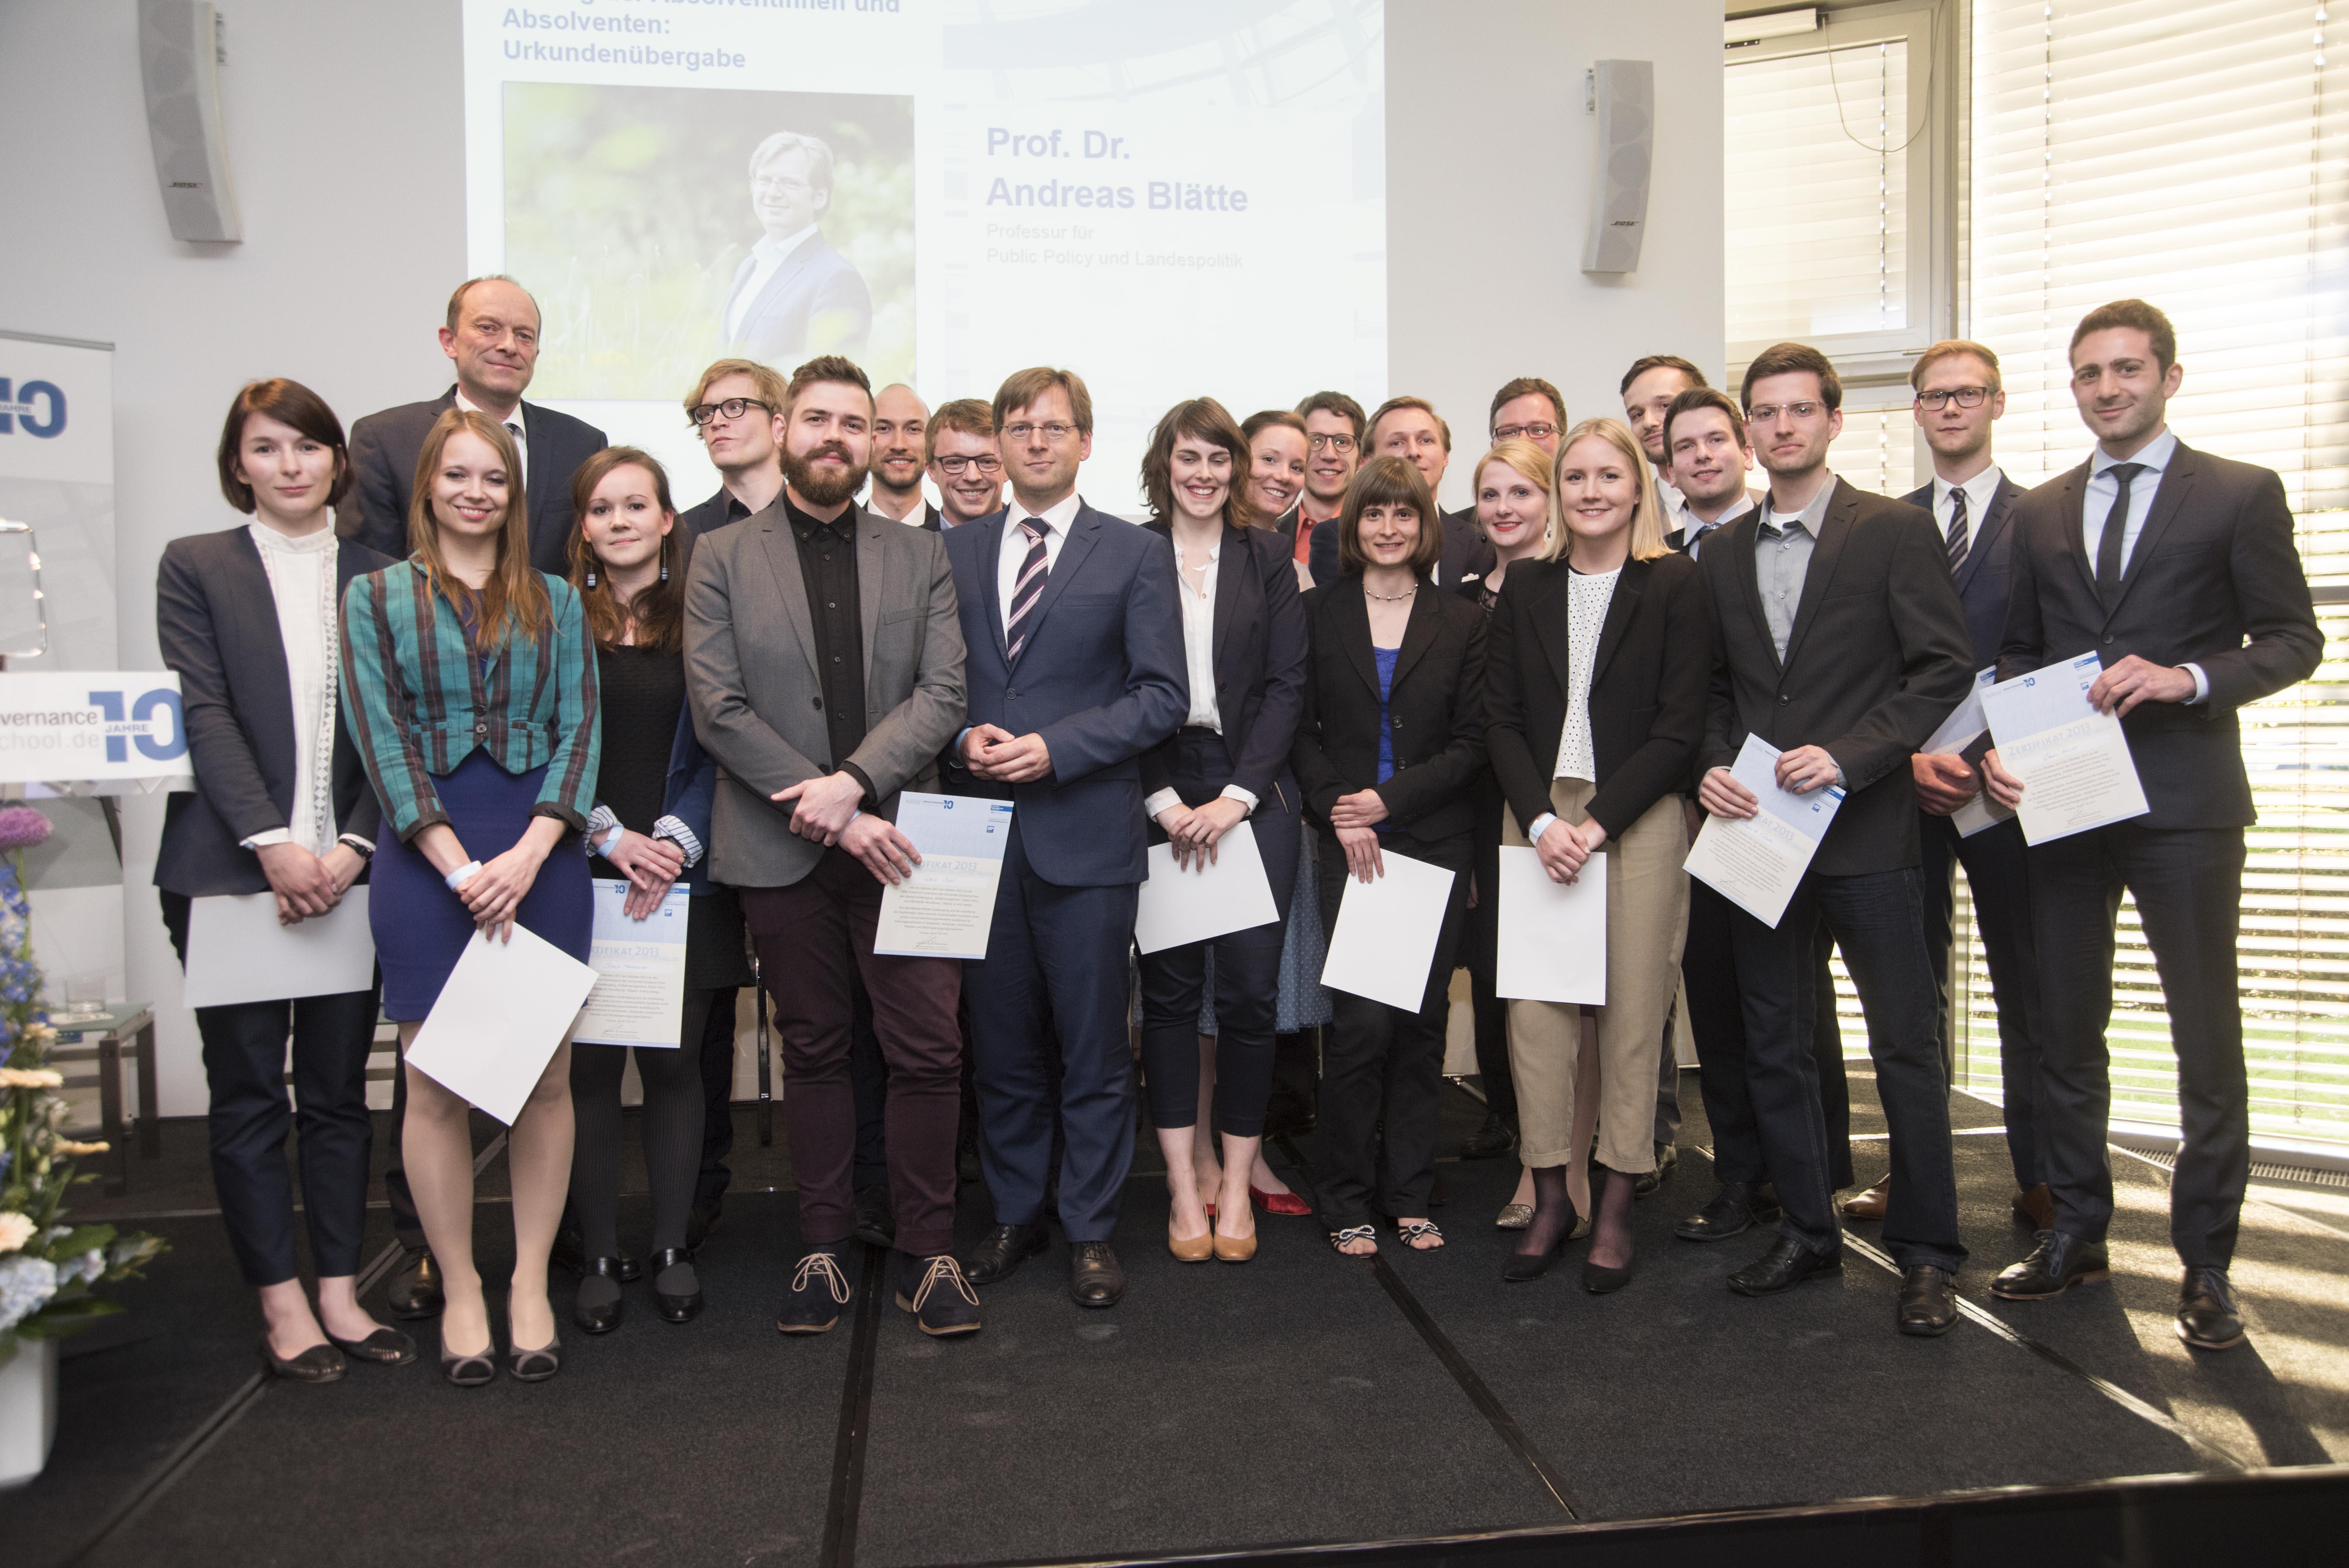 """Die Absolventinnen und Absolventen des Masterstudiengangs """"Politikmanagement, Public Policy und öffentliche Verwaltung"""" 2013"""